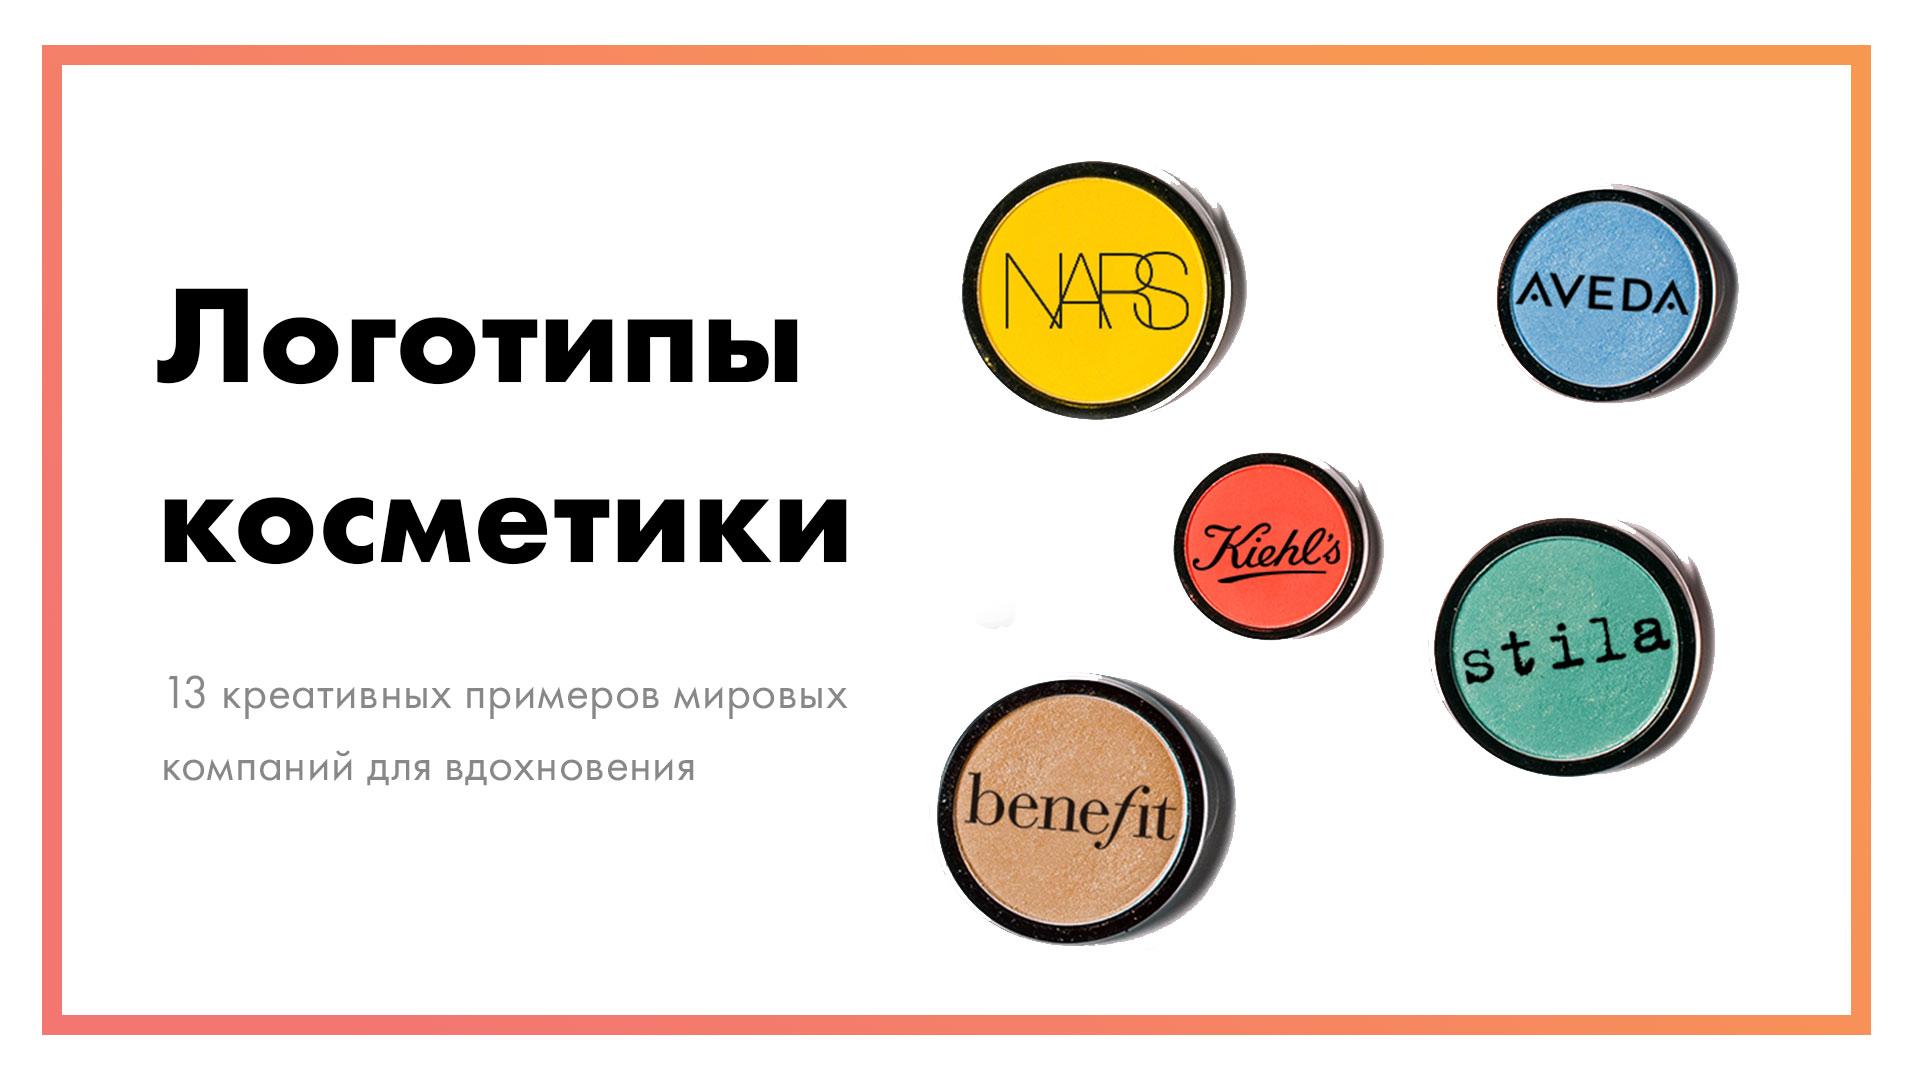 Логотип-интернет-магазина-–-как-создать-онлайн-самостоятельно.jpg